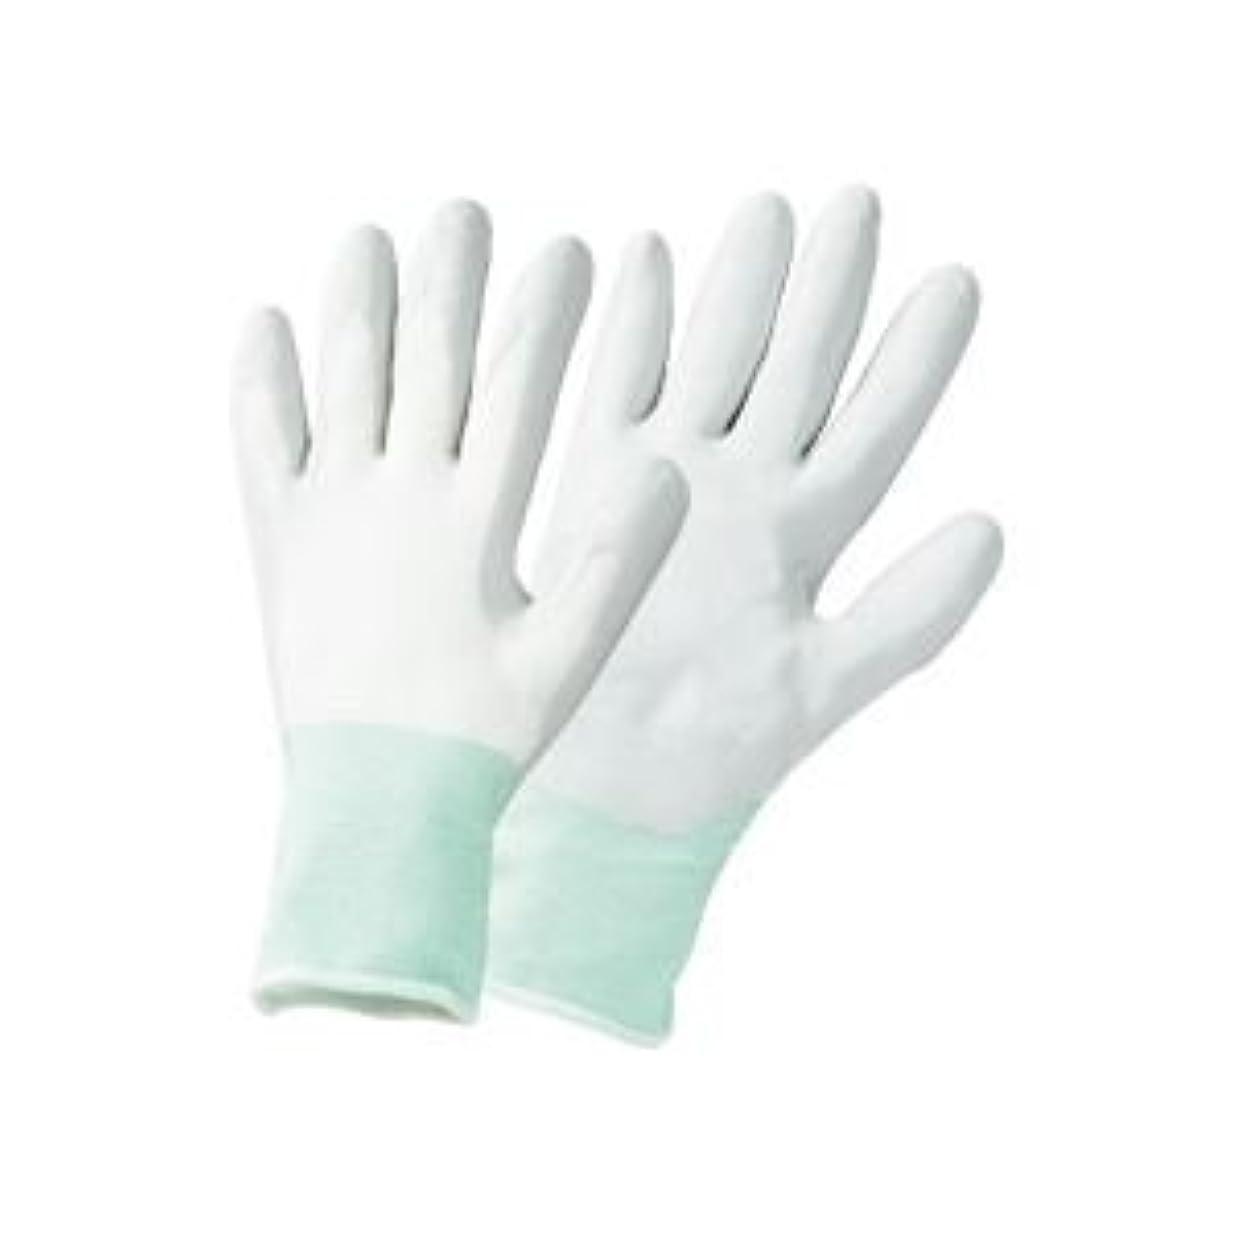 滞在精神的に歪める(まとめ) TANOSEE ニトリルゴム手袋薄手 L グレー 1セット(25双:5双×5パック) 【×3セット】 ds-1577353